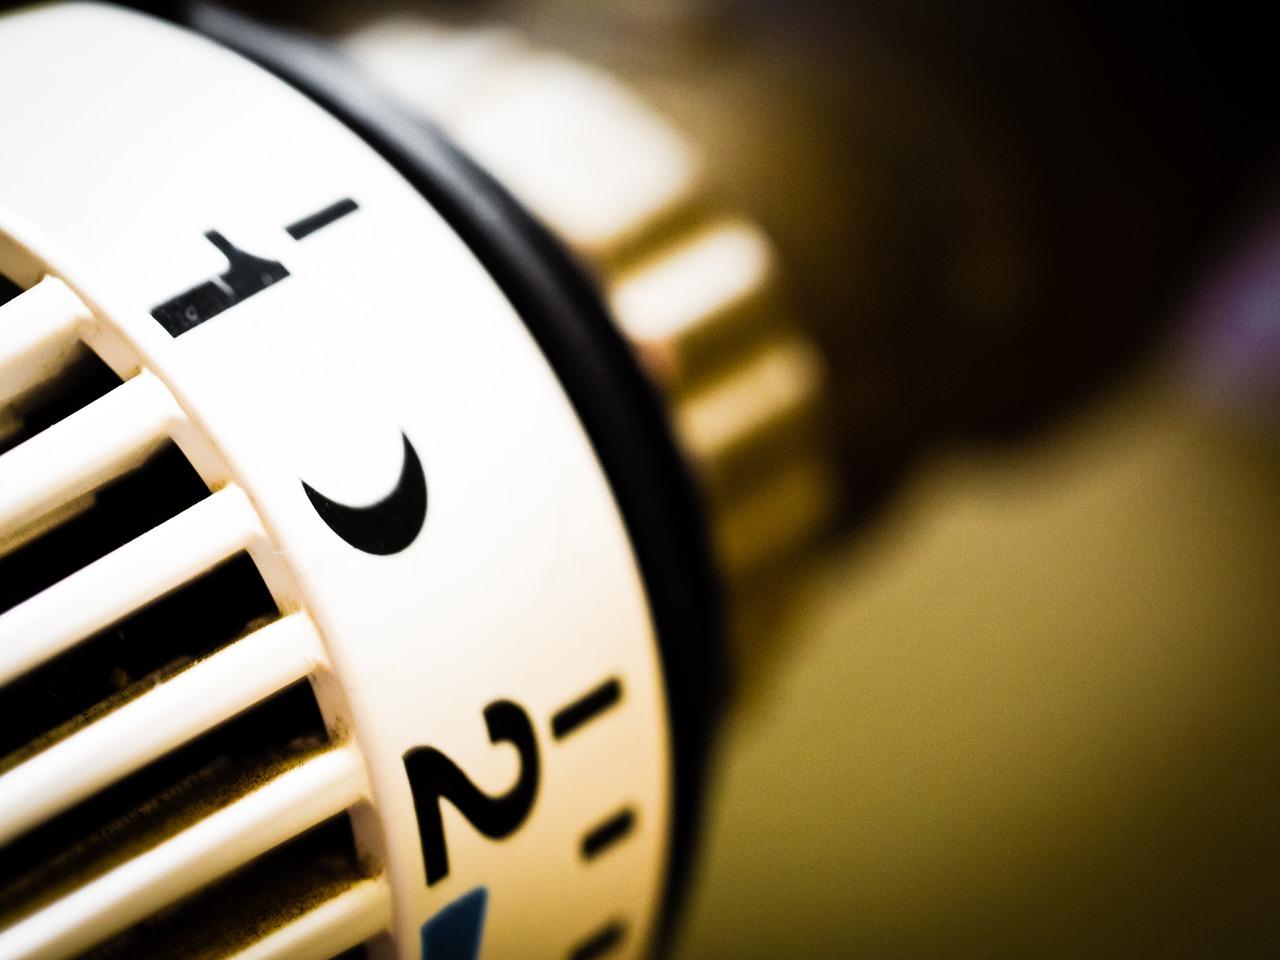 Svantaggi Caldaie A Condensazione installazione o sostituzione caldaia: quale modello scegliere?